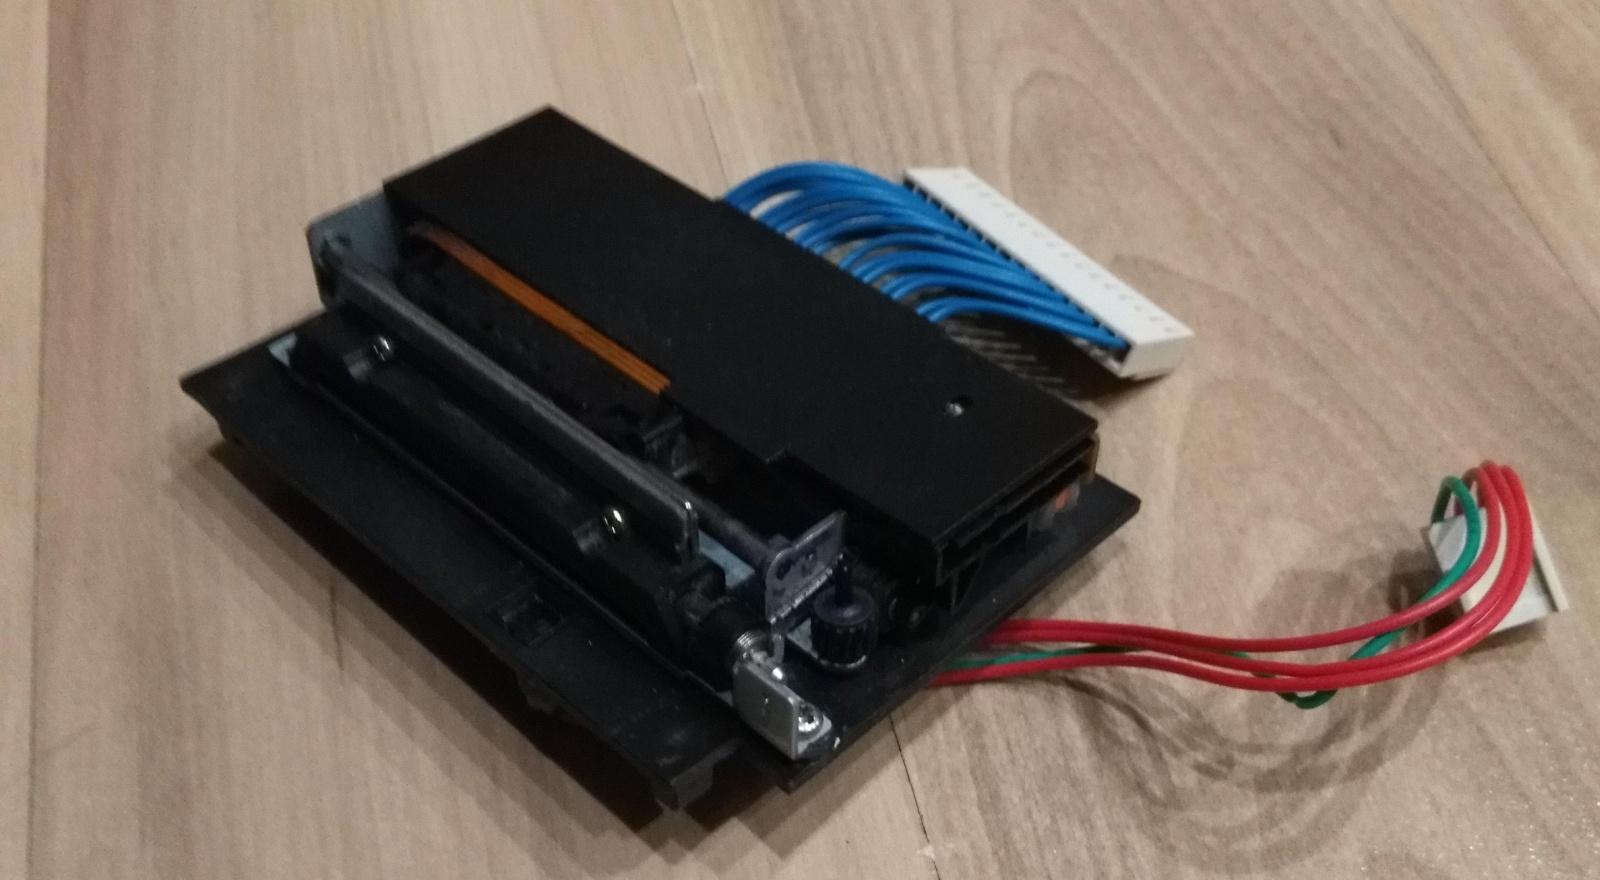 Как подключить матричный принтер MD910 от кассового аппарата Миника - 2